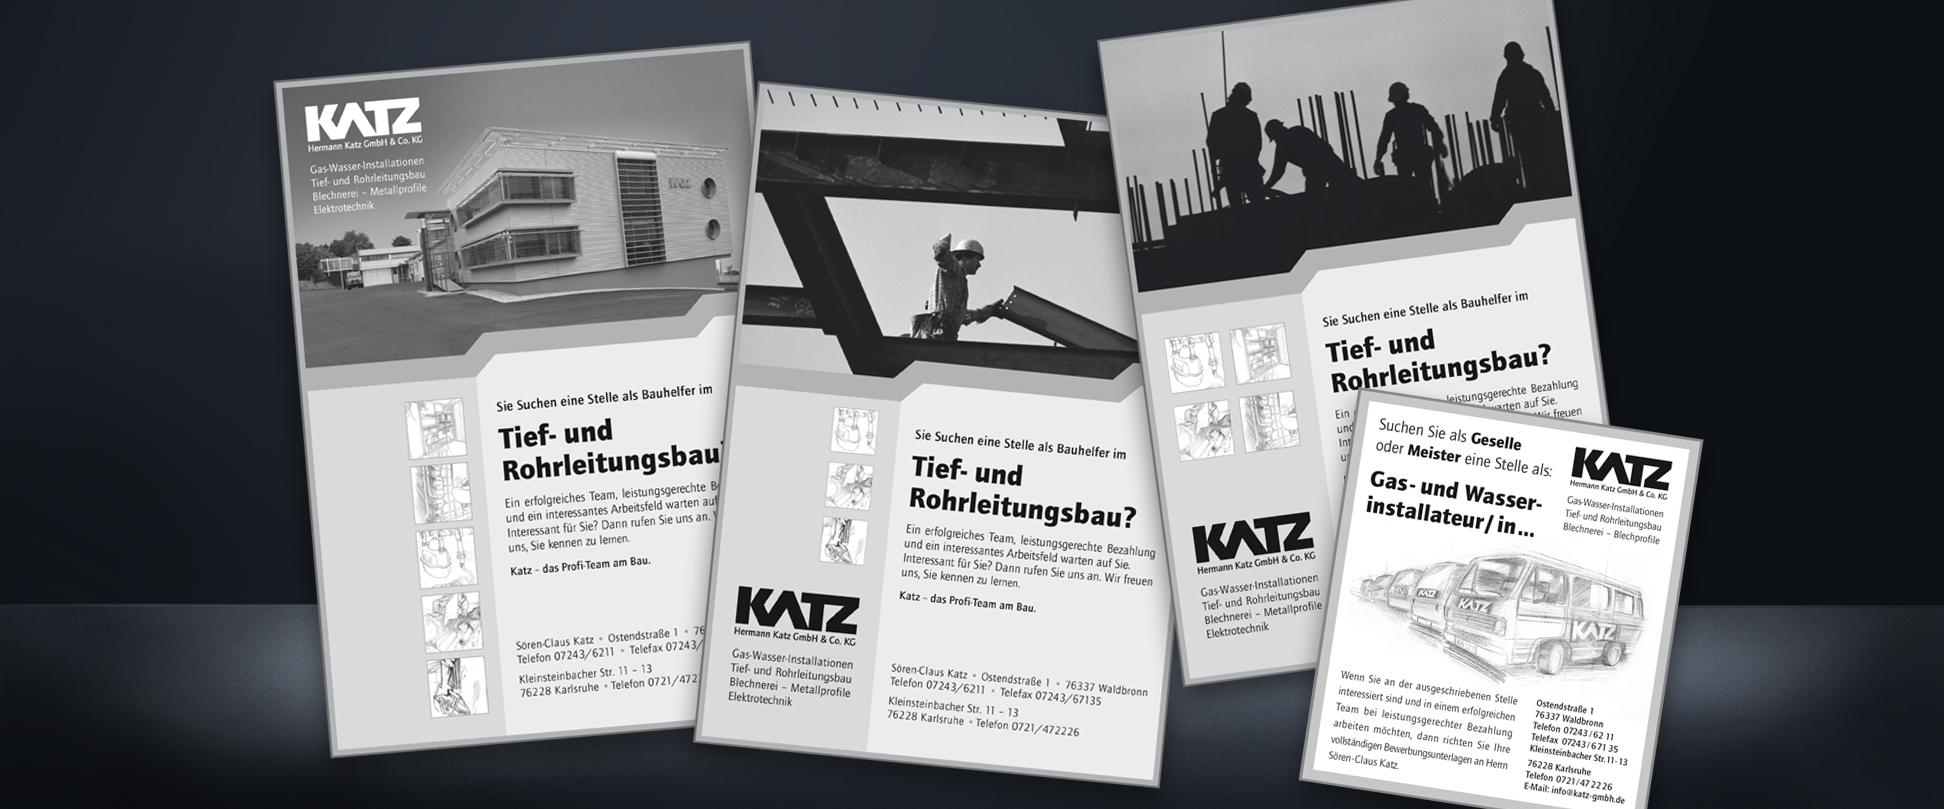 Baufirmen Karlsruhe tolle partnerfirmen aus karlsruhe salt